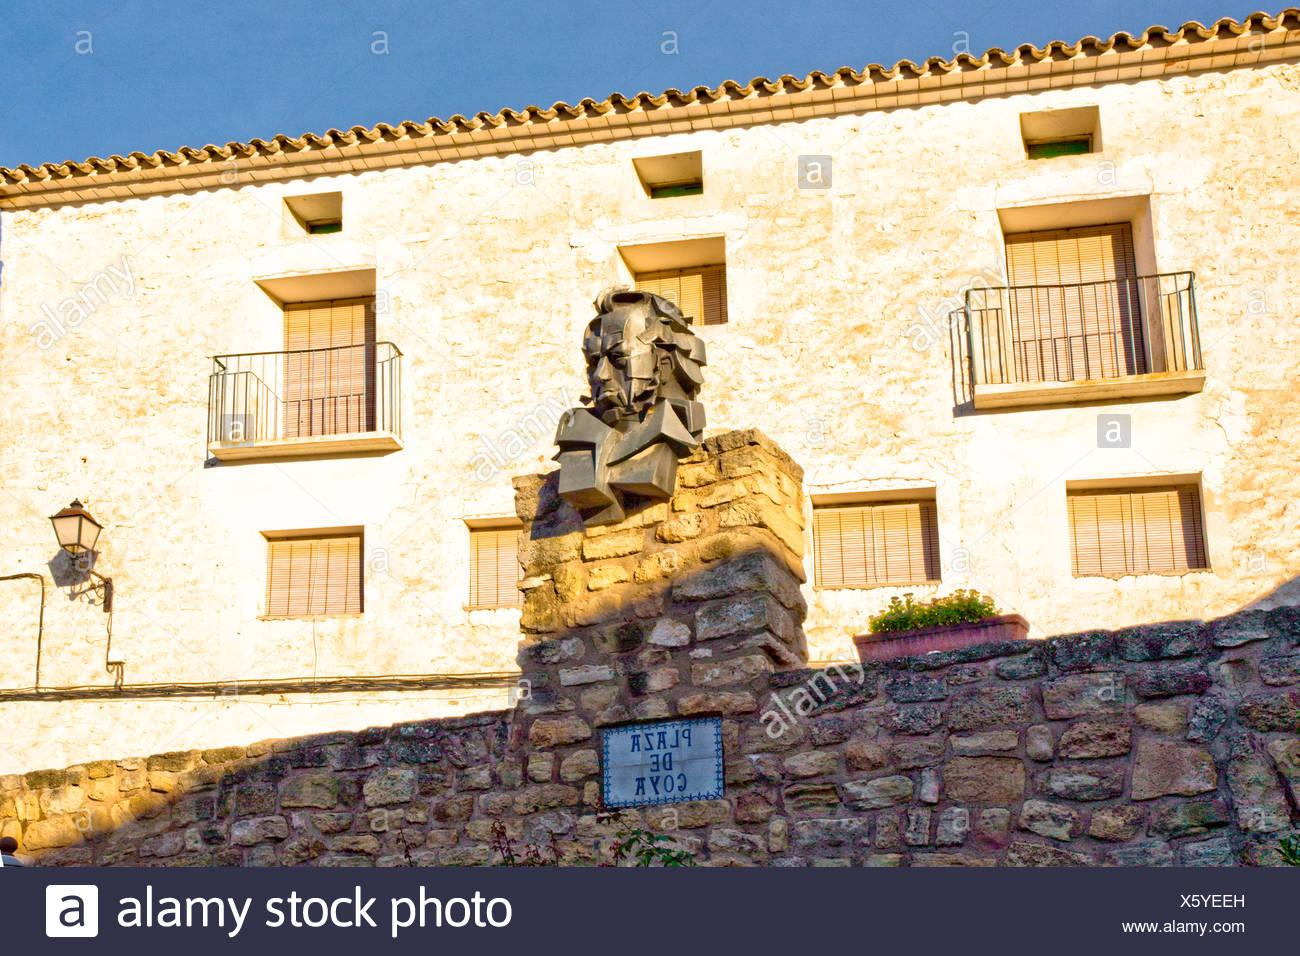 Spagna, Europa, Aragona, Fuendetodos, Goya, plastica Immagini Stock